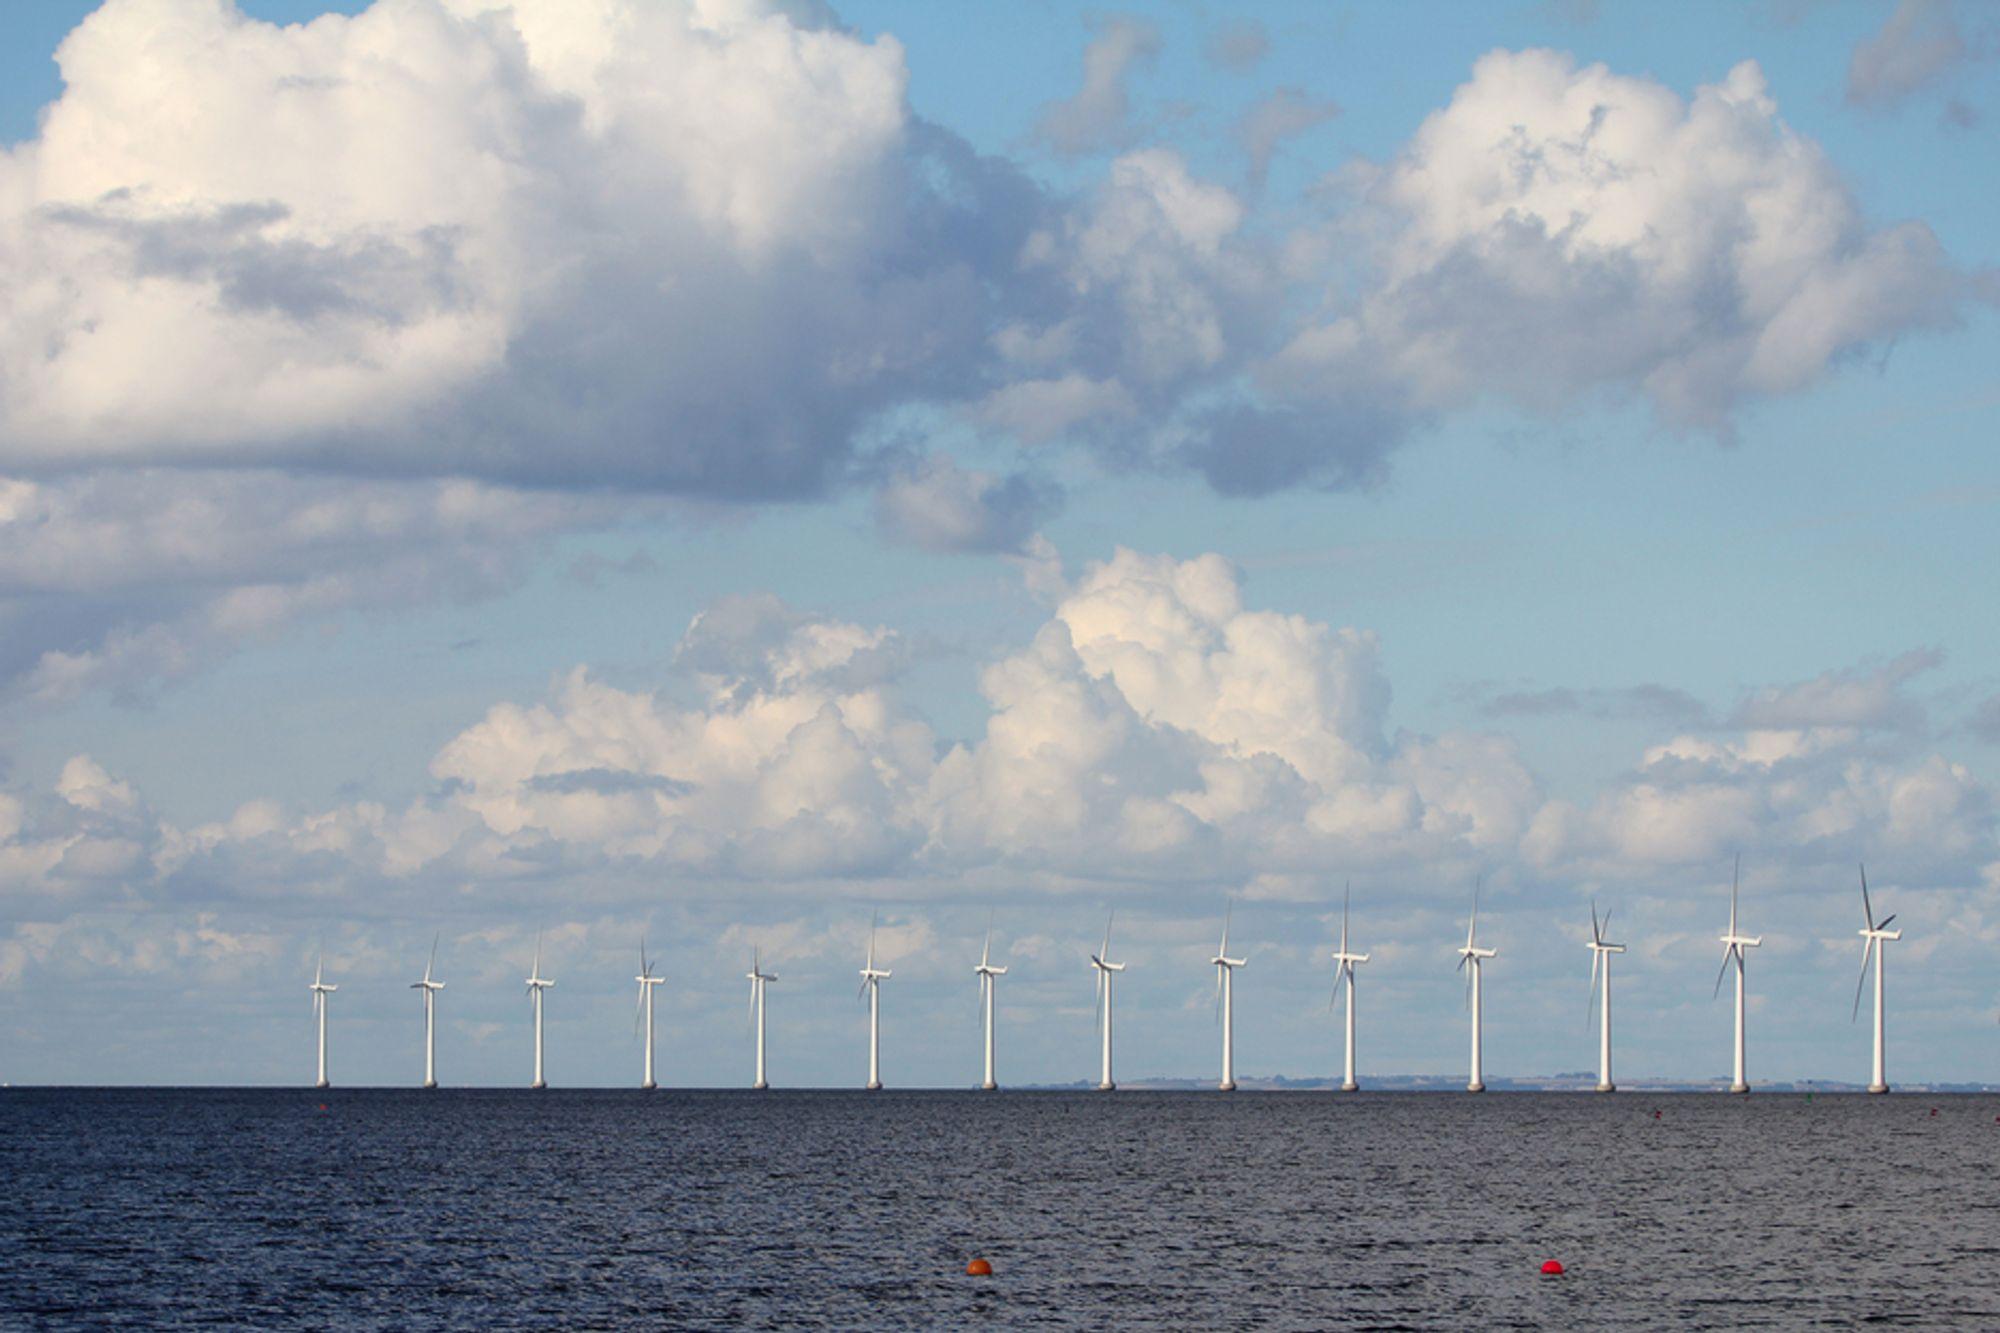 OPPDRAG: Plattformen skal stå i vindparkområdet Dolwin ved Helgoland på tysk sektor i Nordsjøen. Den skal ta imot vekselstrøm fra vindparker og konvertere til likestrøm.